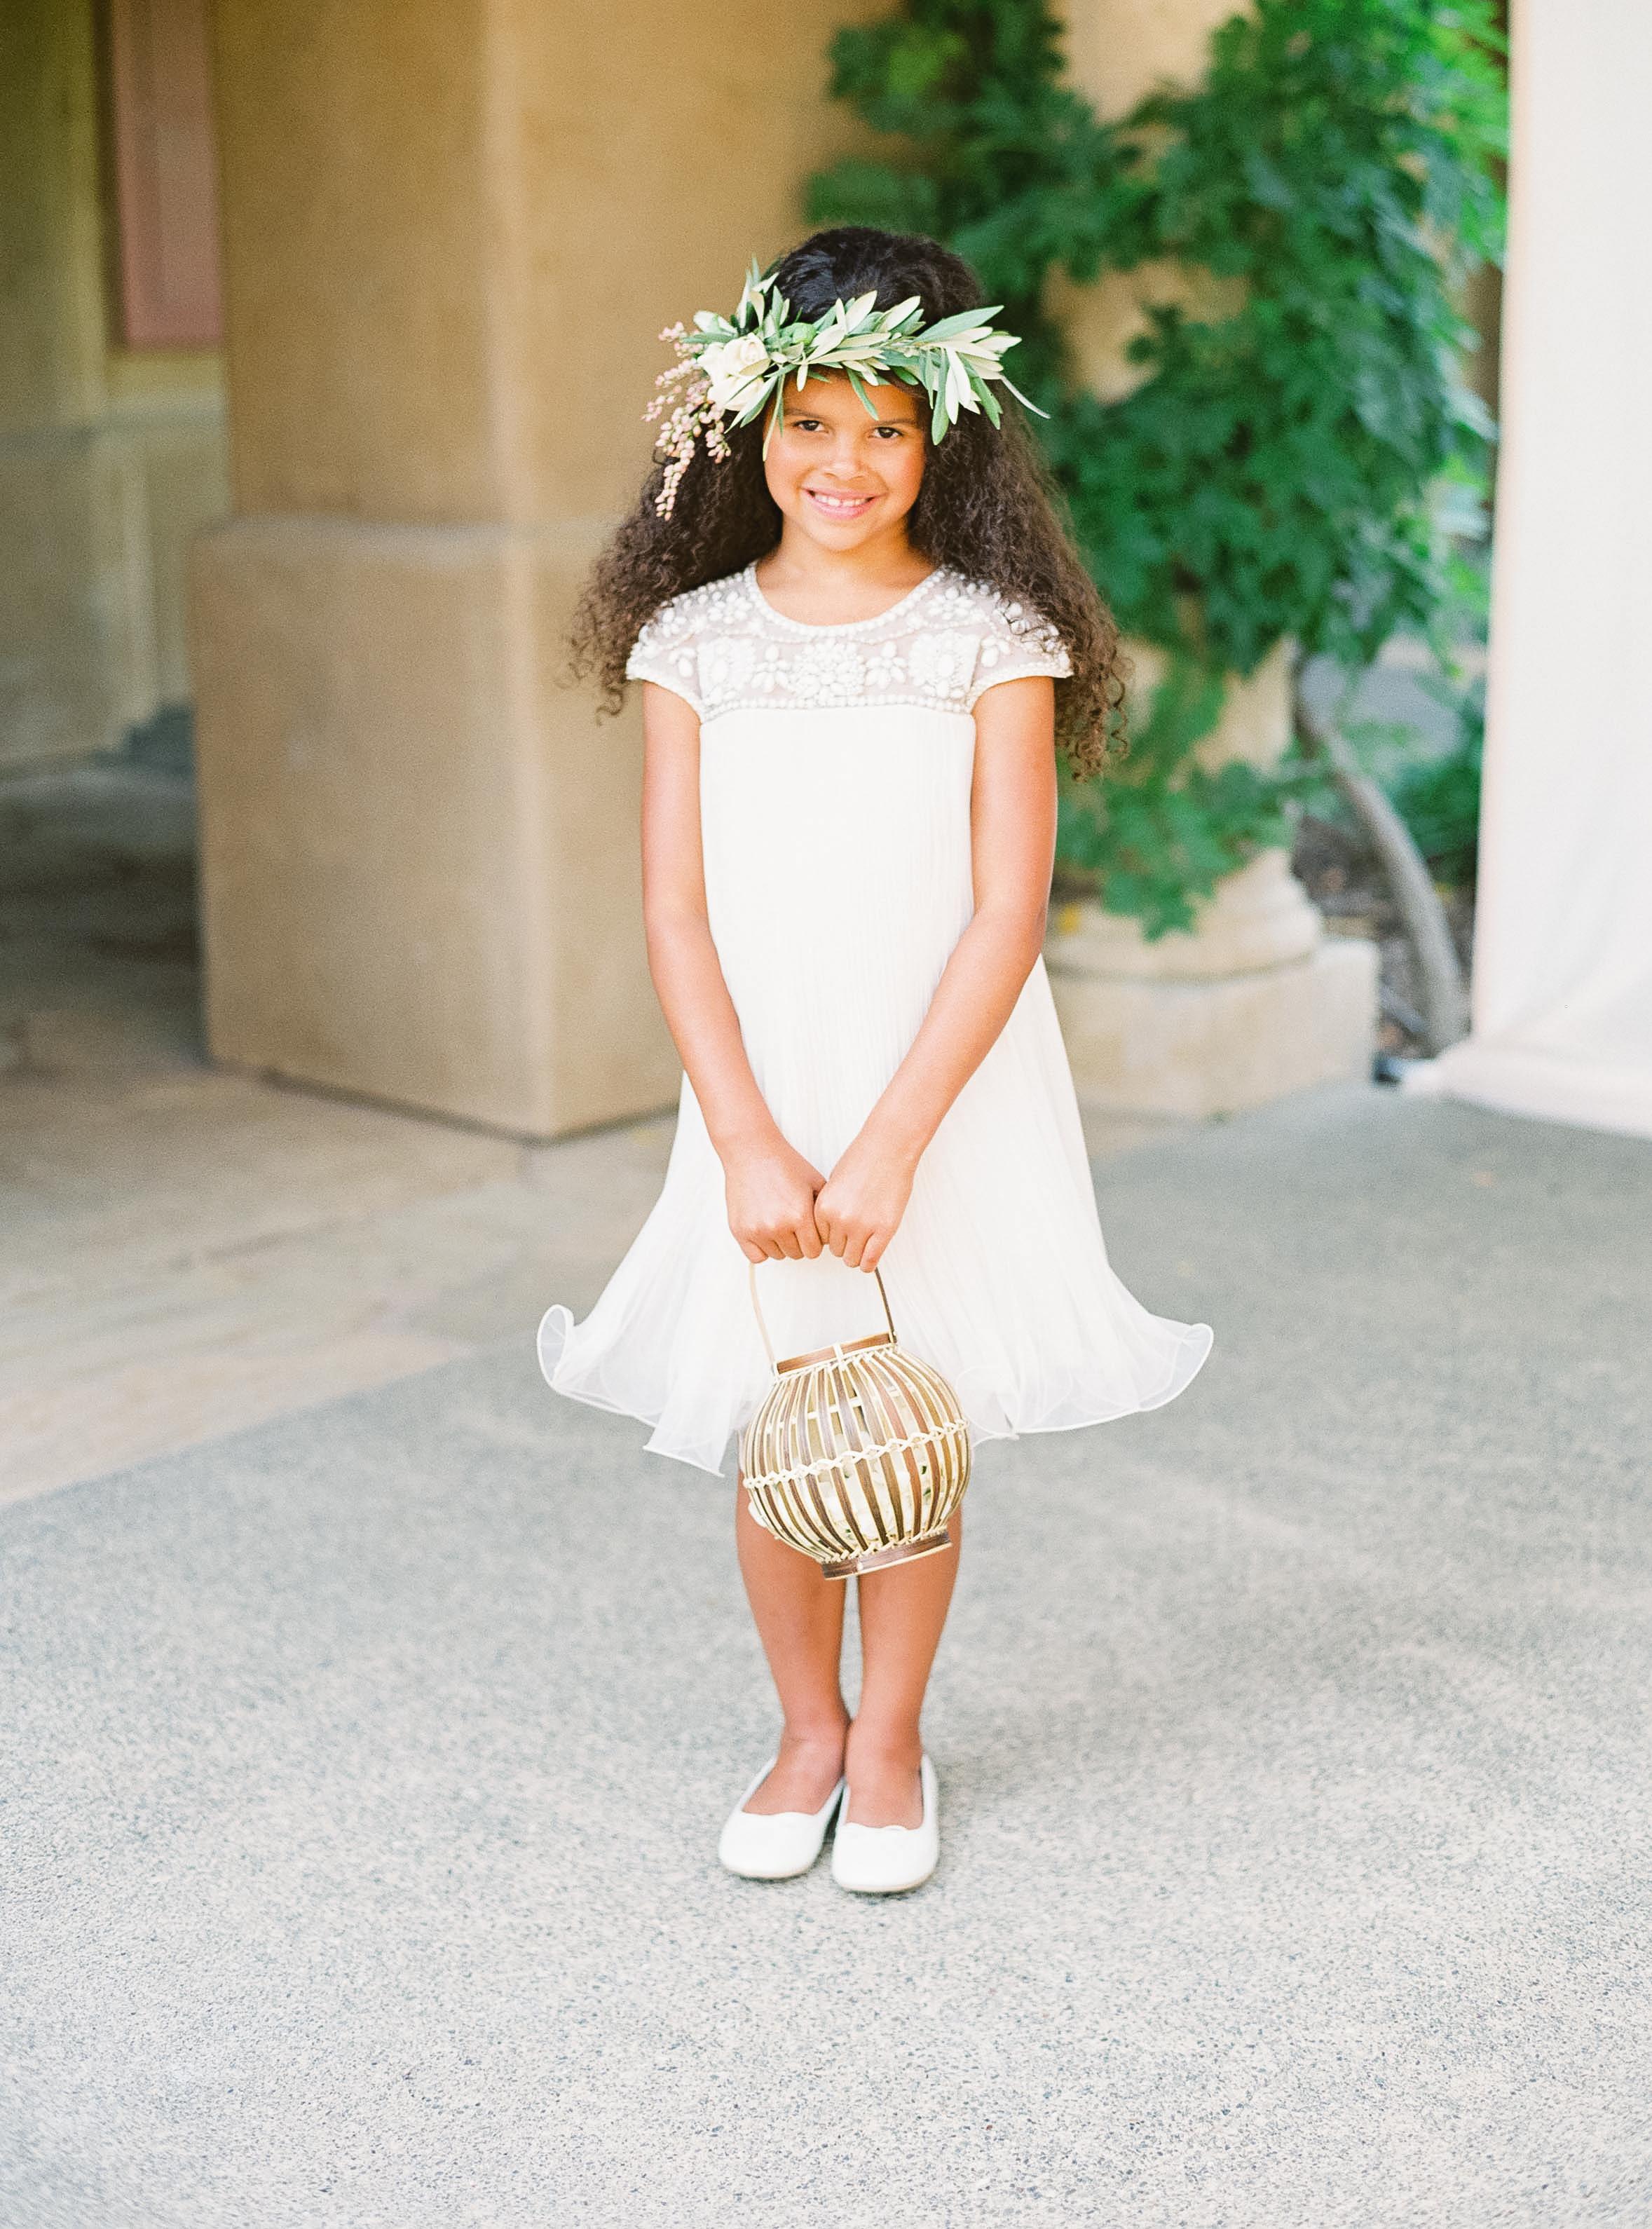 flower girl holding paper lantern inspired basket